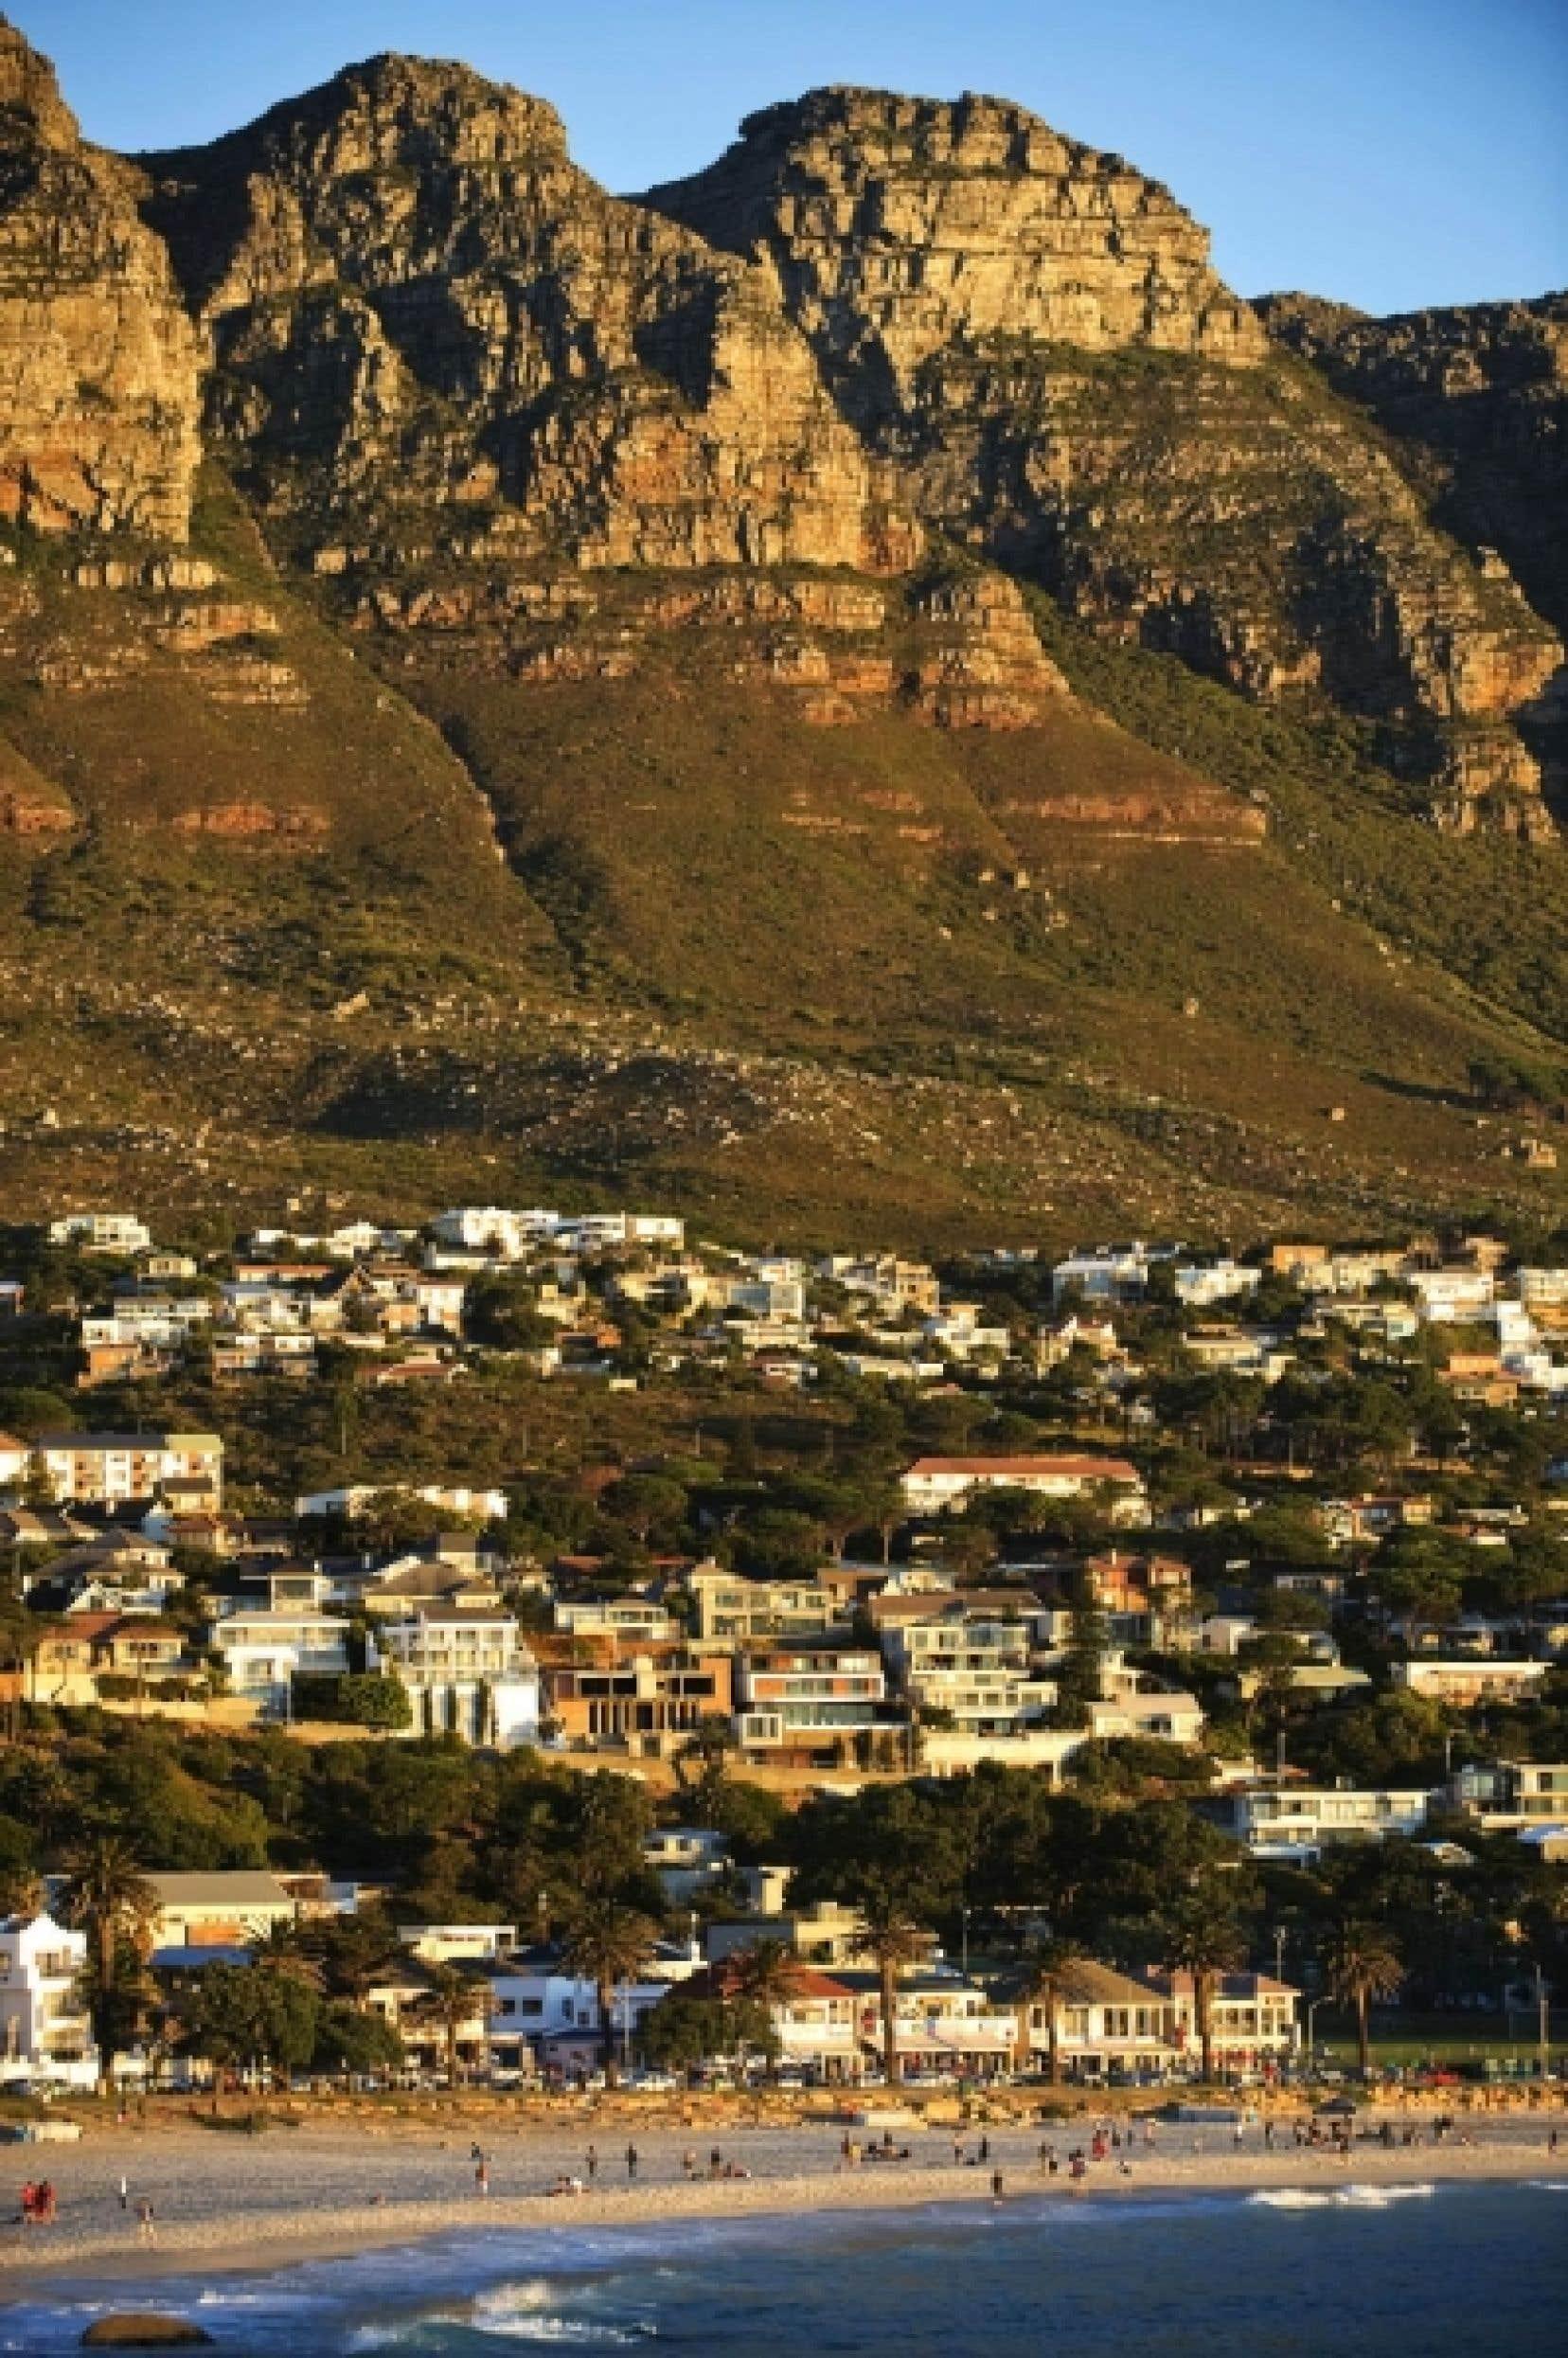 La plage de Camps Bay en banlieue de Cape Town, en Afrique du Sud.<br />